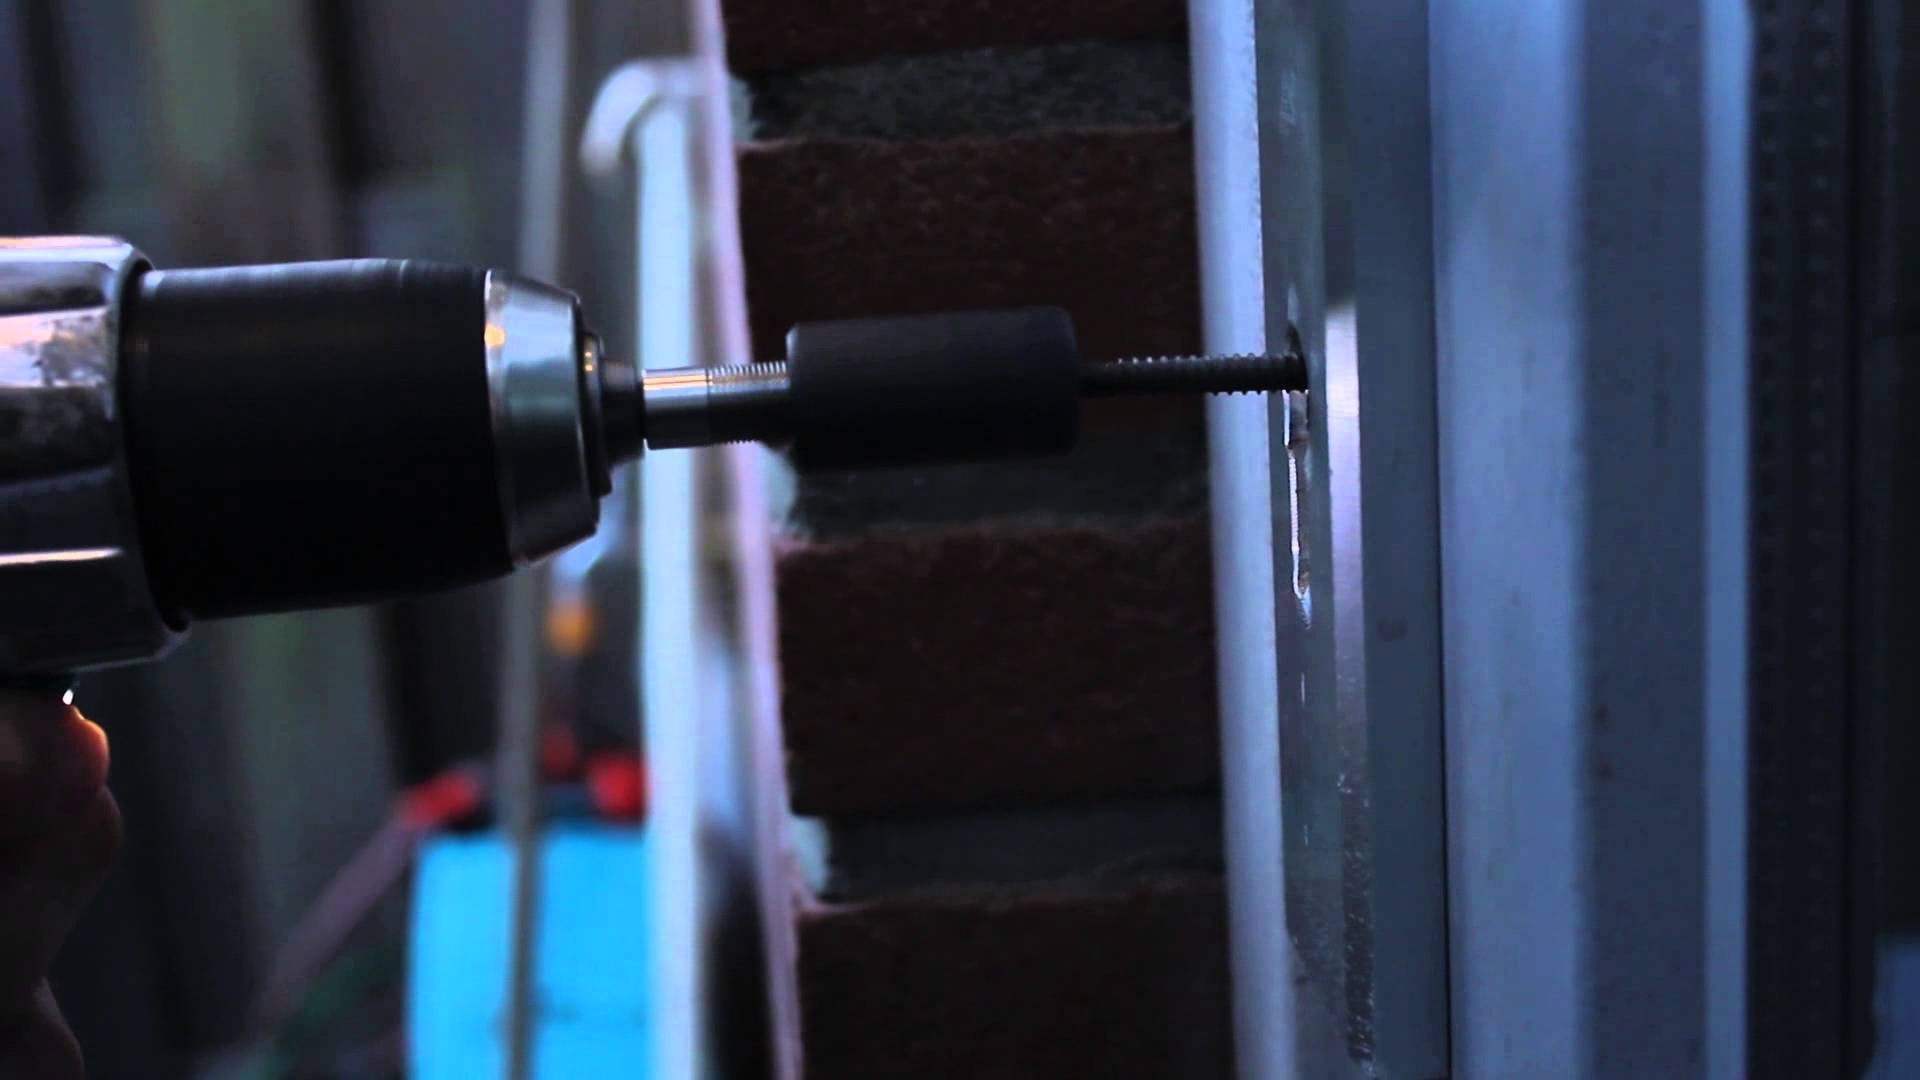 Beproefde methoden om in te breken – cilinder uittrekken